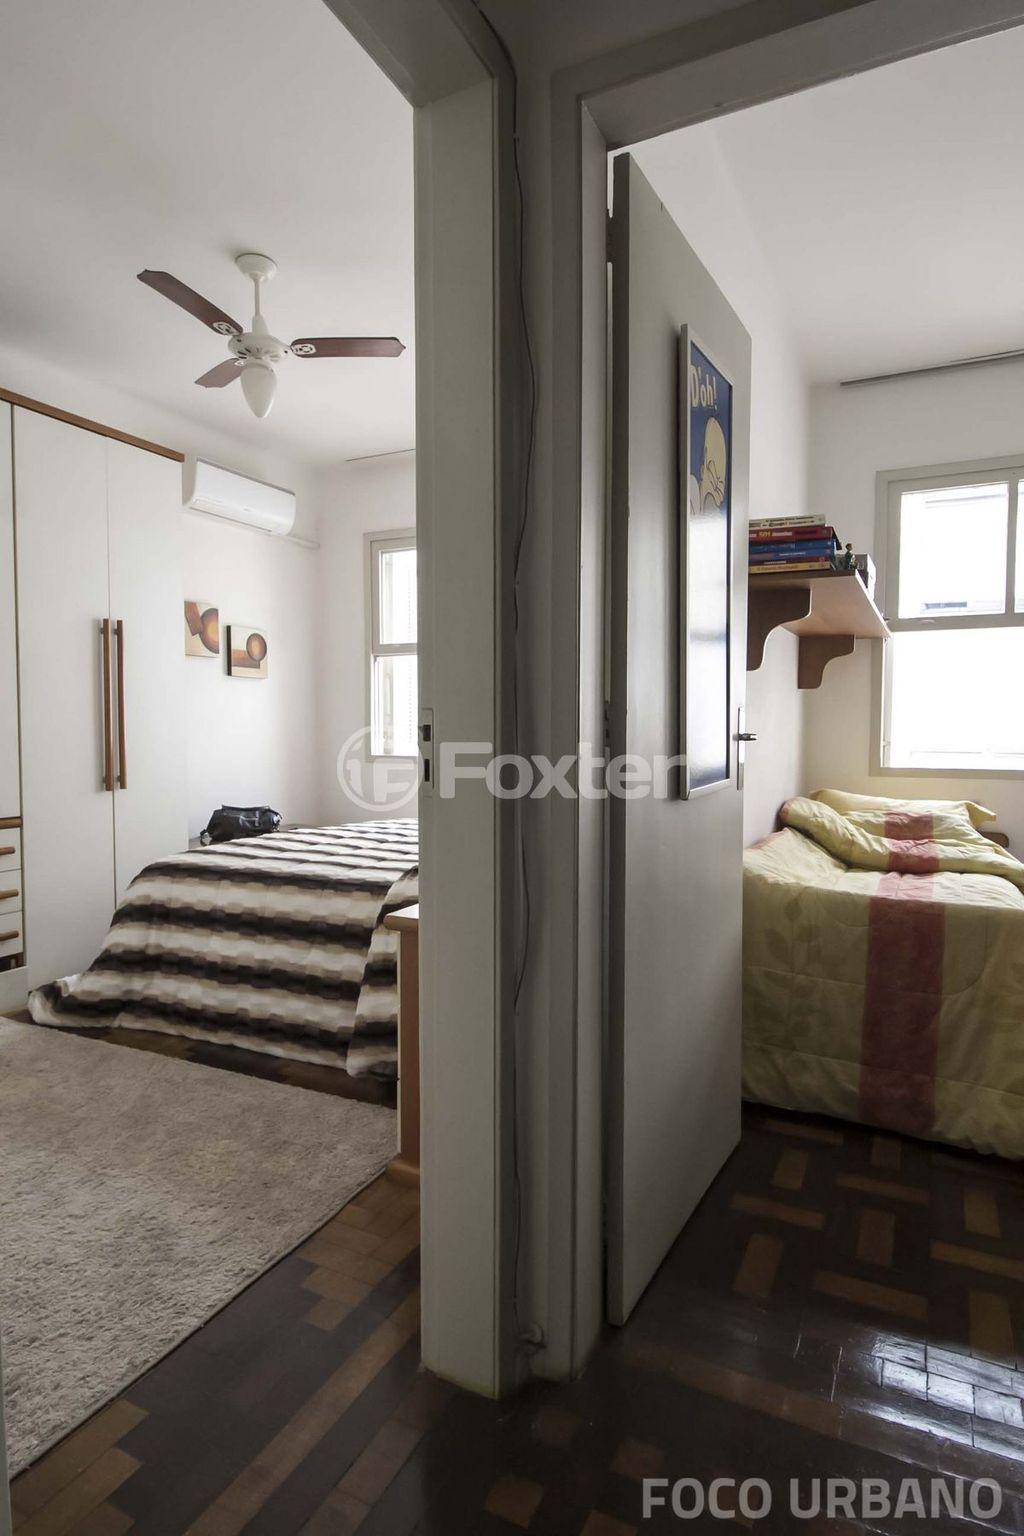 Apto 2 Dorm, Rio Branco, Porto Alegre (141172) - Foto 5